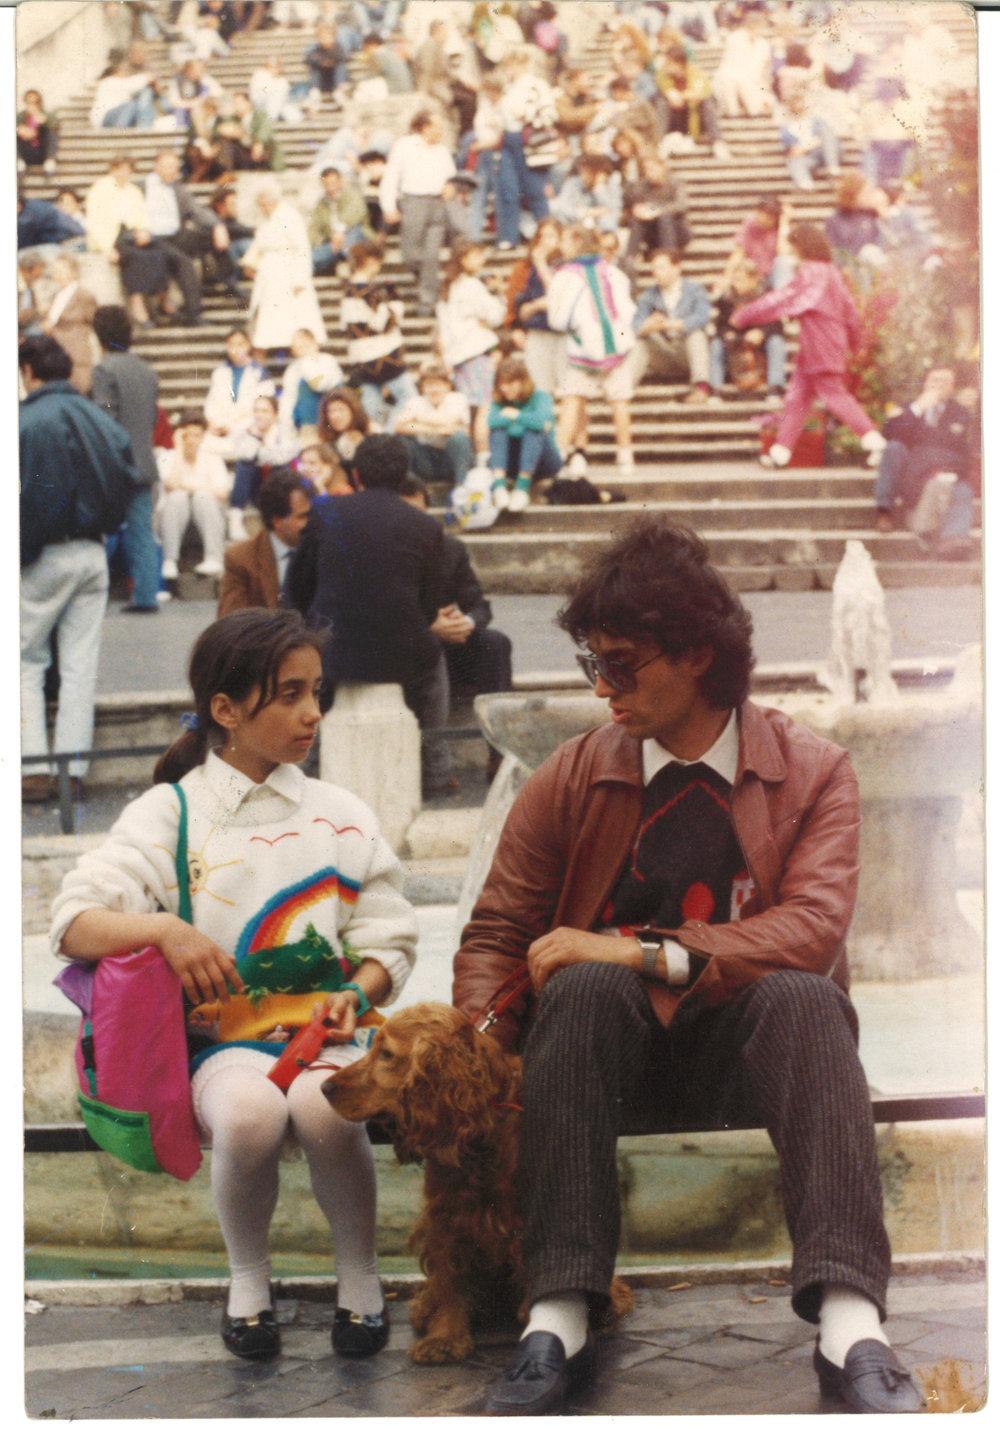 Rome, 1990